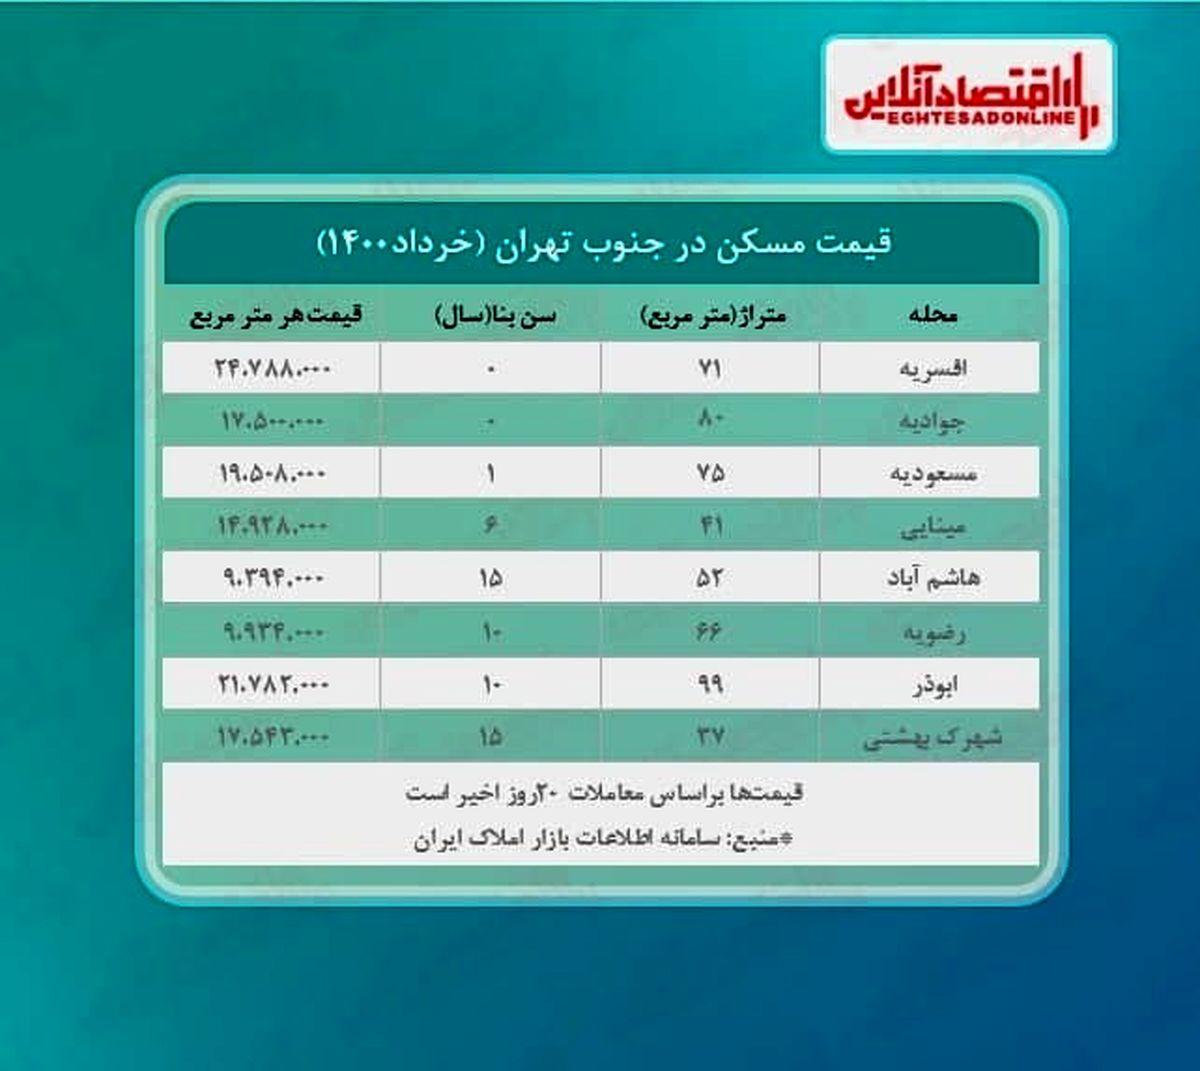 خانههای جنوب تهران چند؟